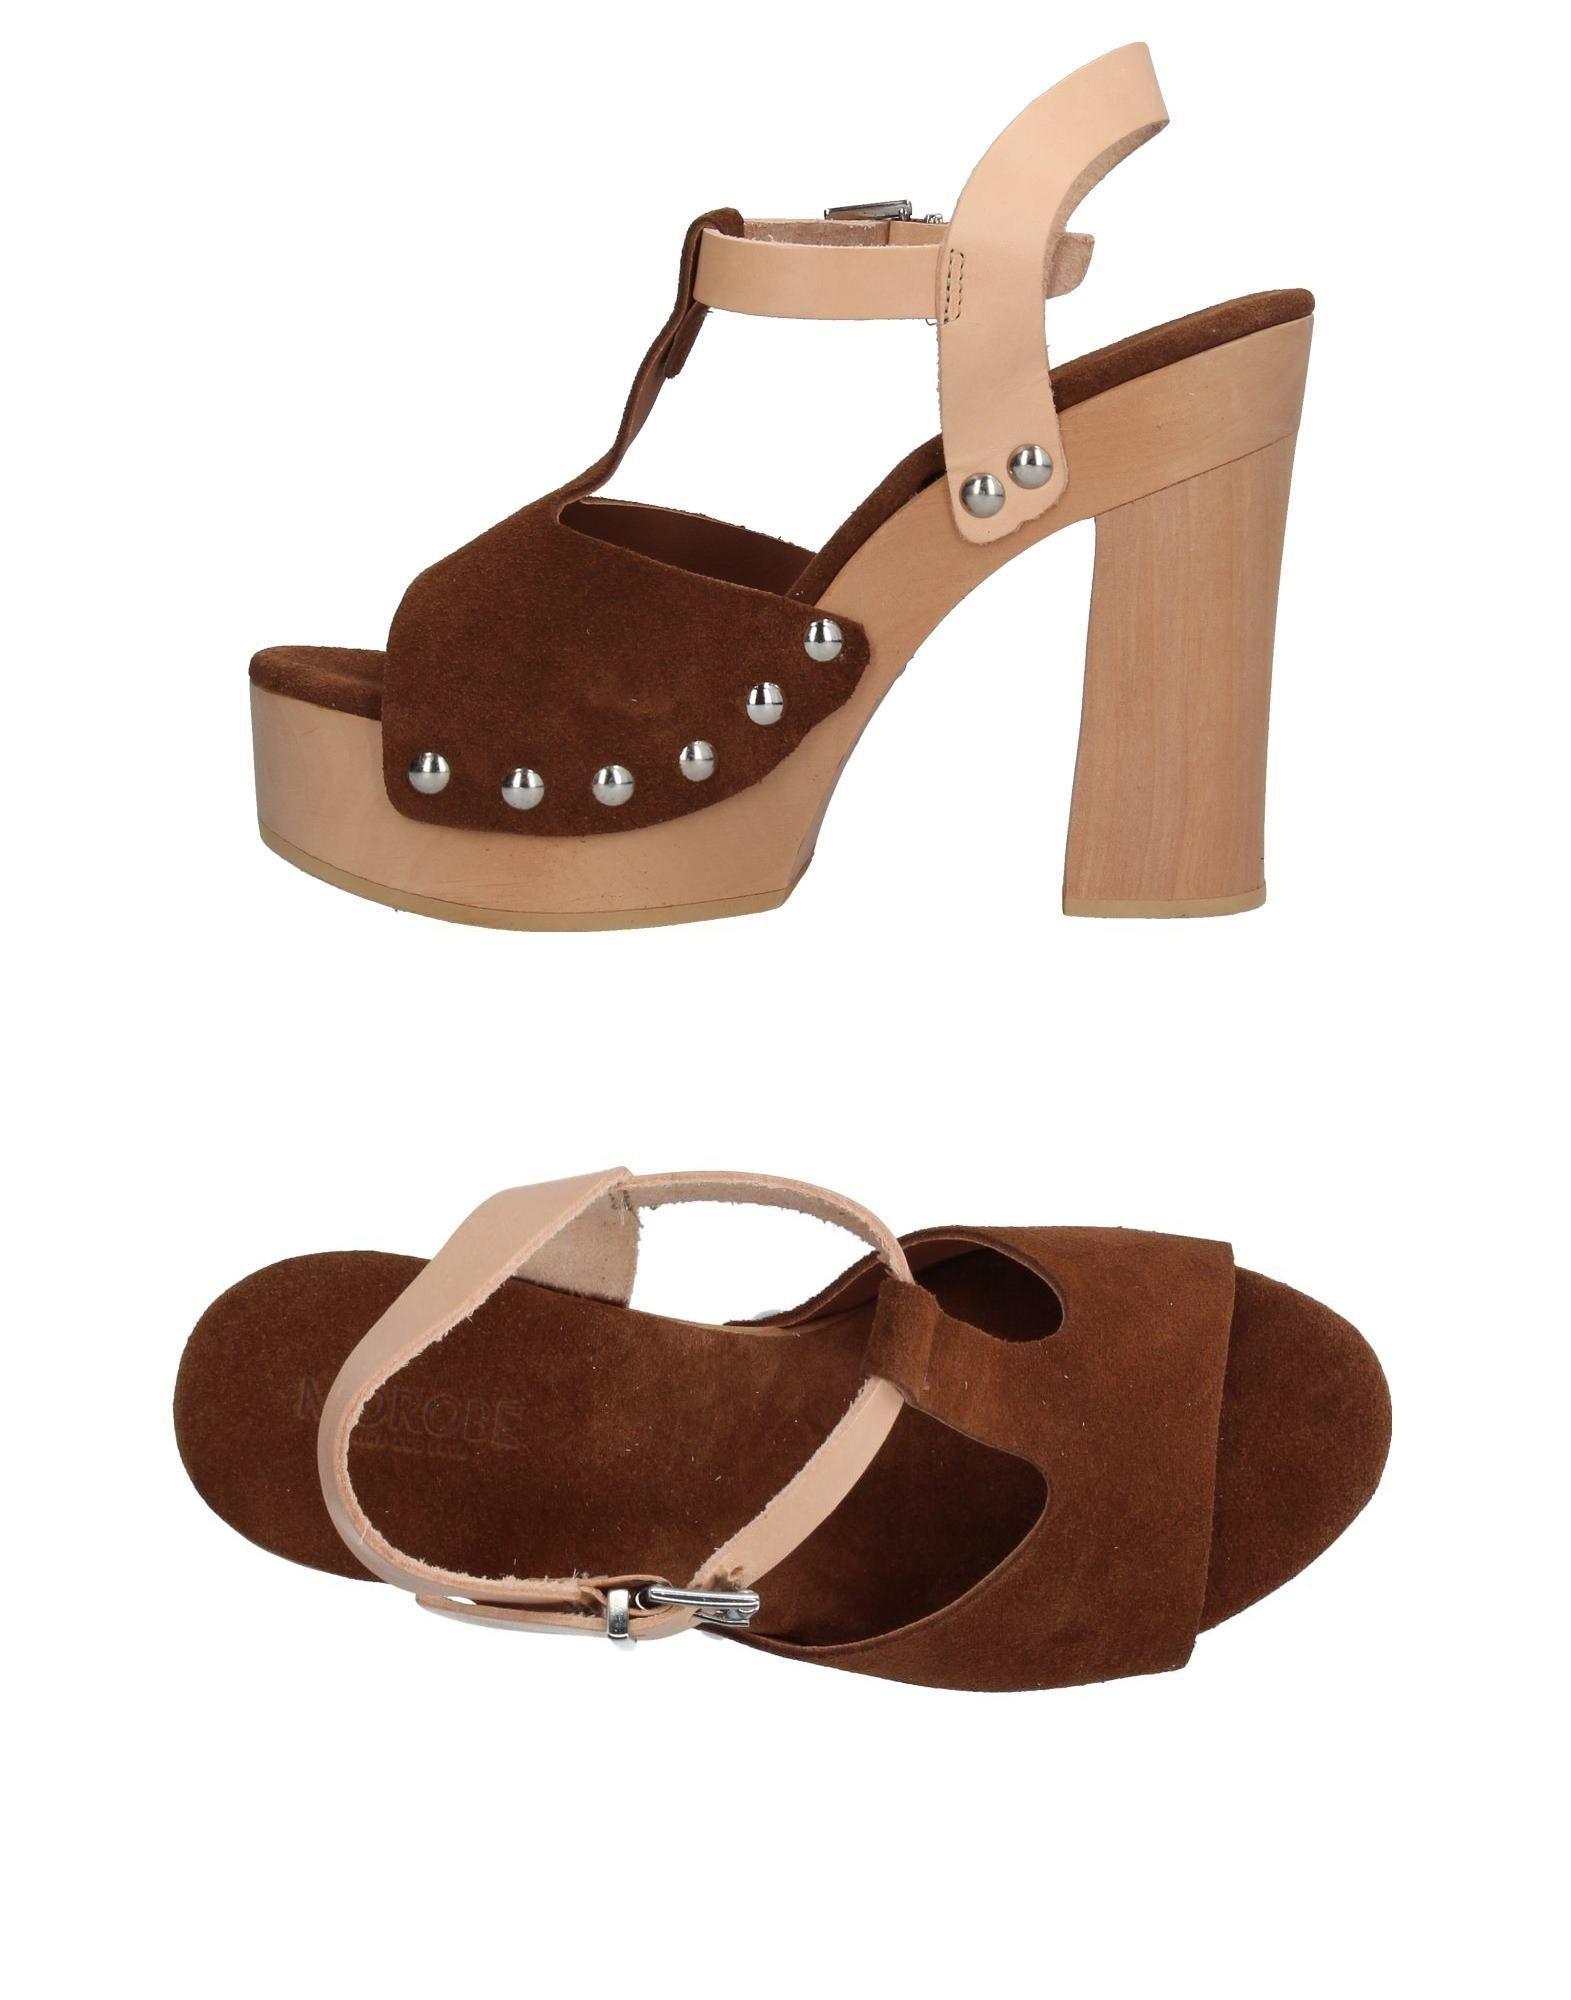 Morobē Sandalen Damen  11221153LP Gute Qualität beliebte Schuhe